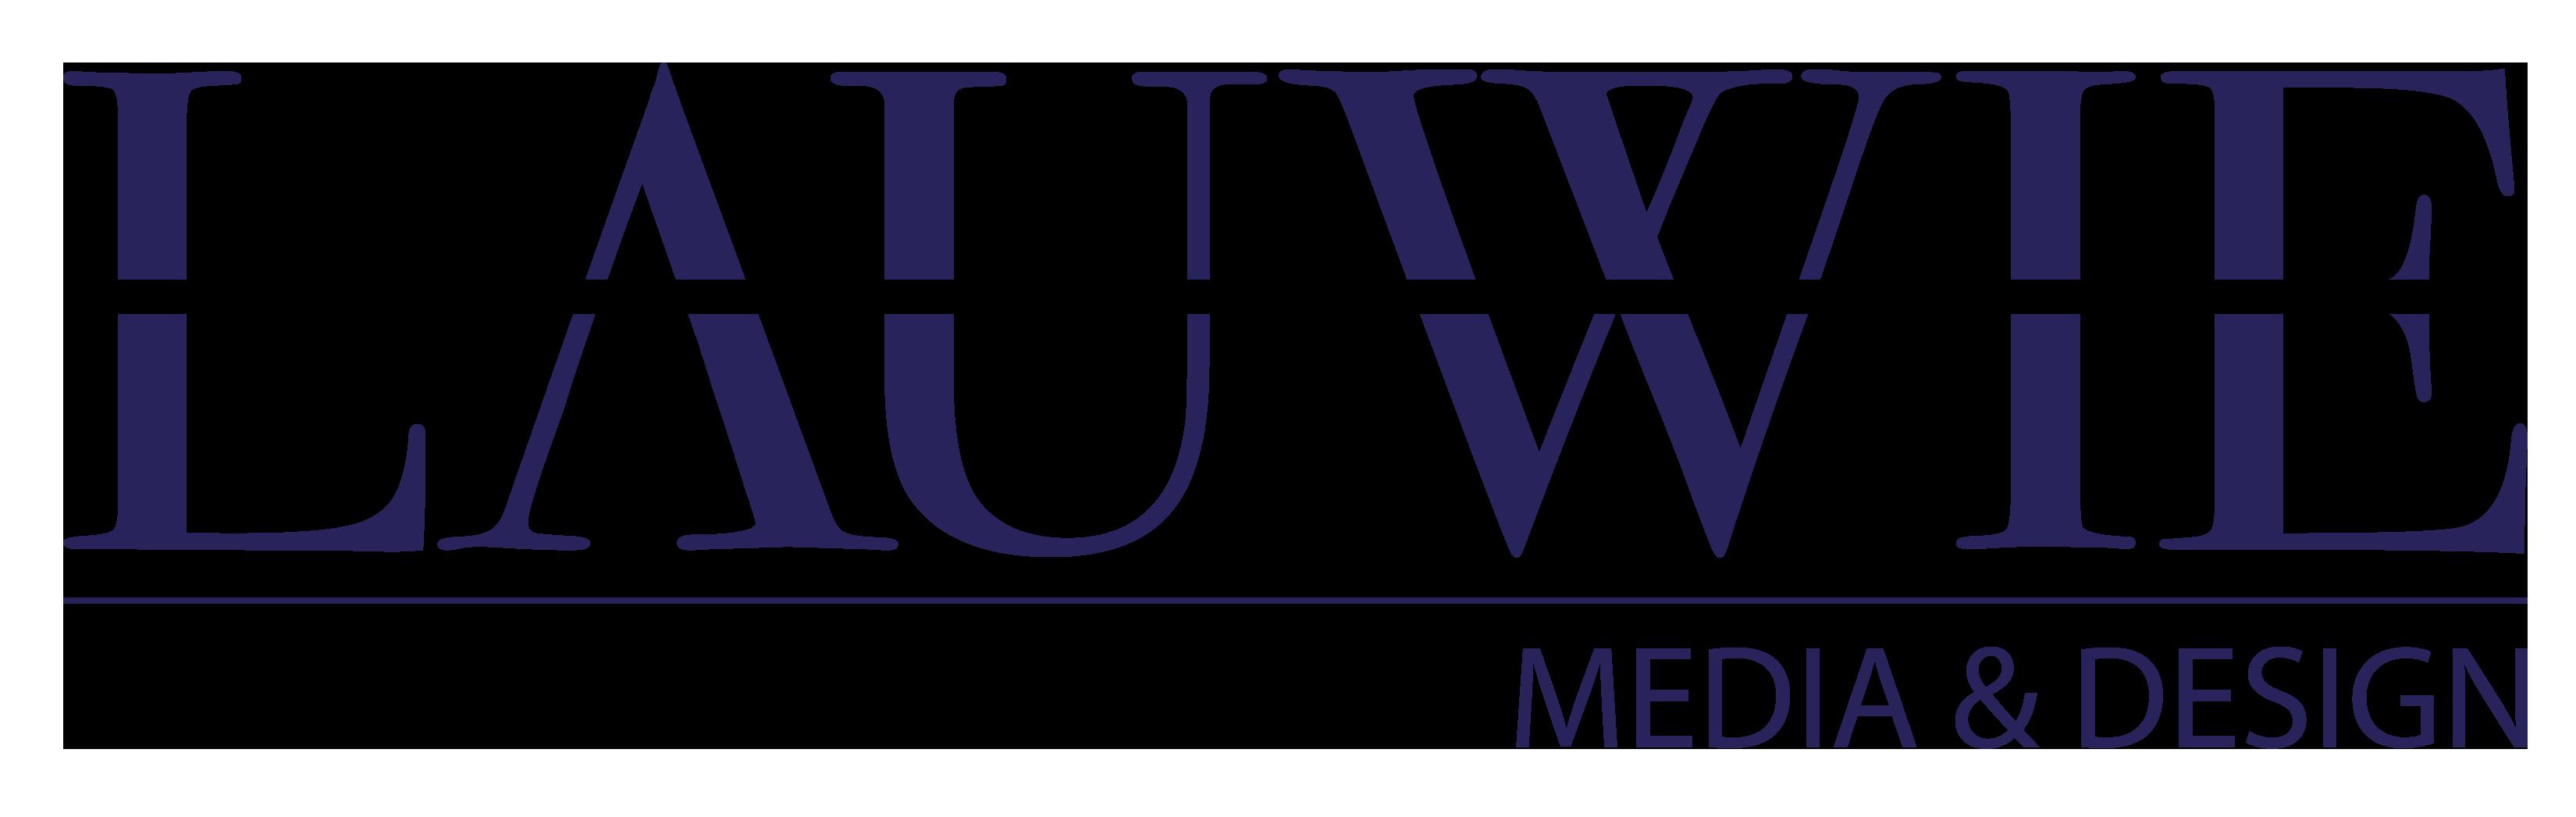 Lauwie-media-&-Design-Logo